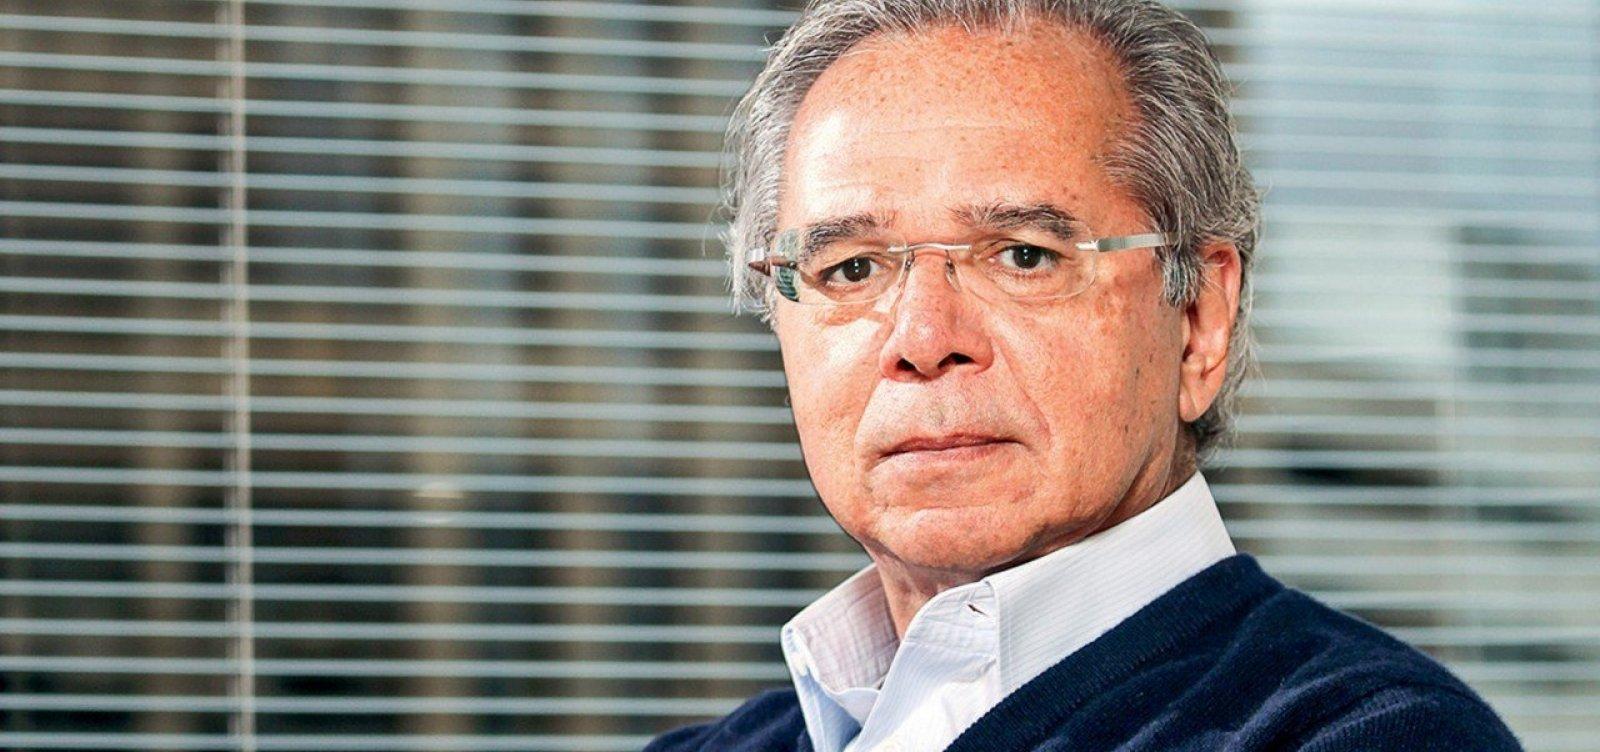 MPF abre nova investigação contra Paulo Guedes